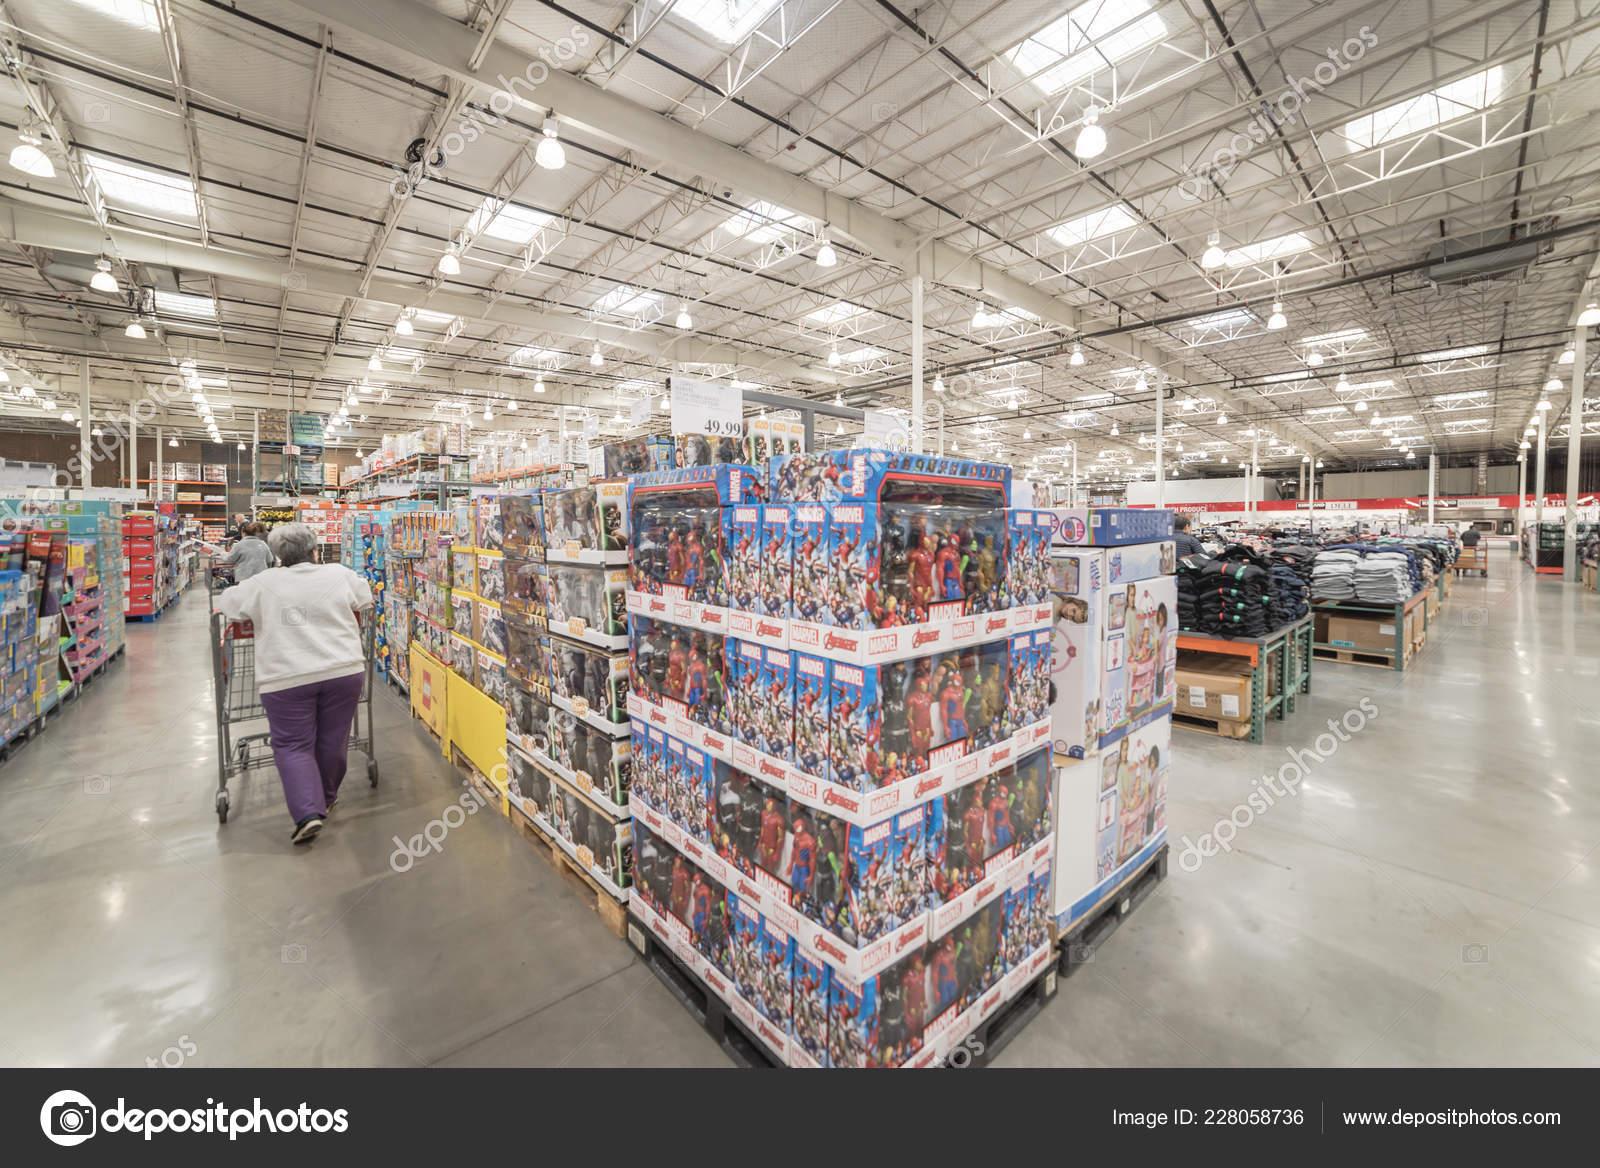 e378fb465 Lewisville Nás Listopad 2018 Zákazník Nakupovat Pro Široký Výběr Hraček–  Stock Editorial Fotografie